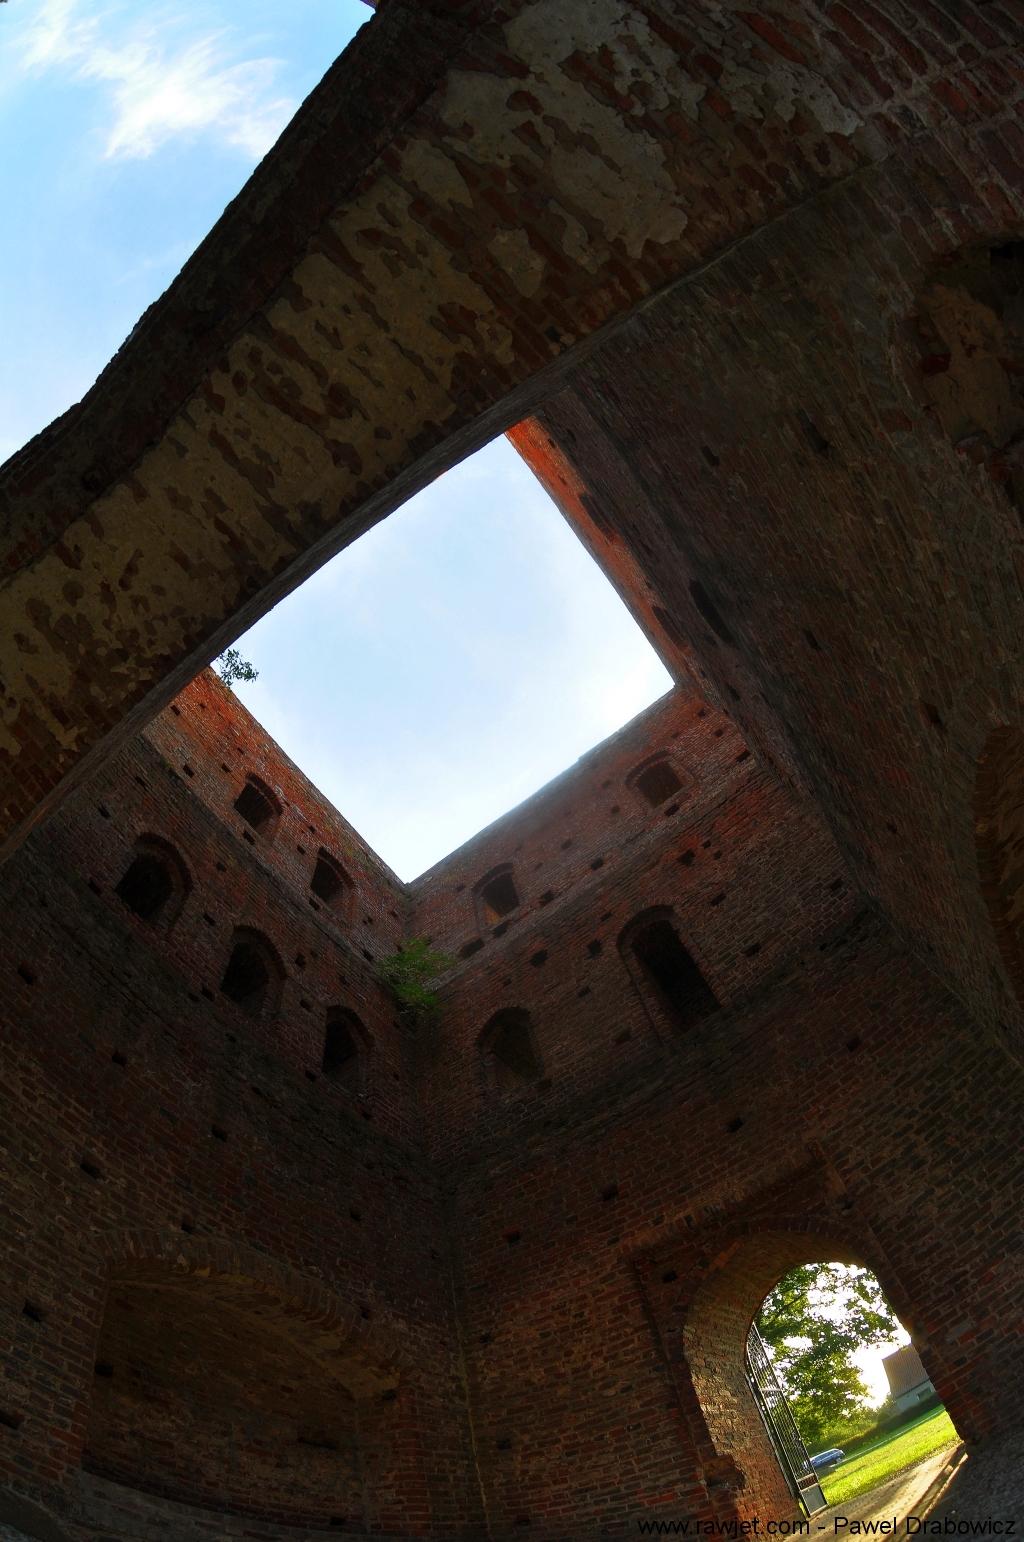 poland-zulawy-szlak-mennonitow-steblewo-kosciol-w-ruinach